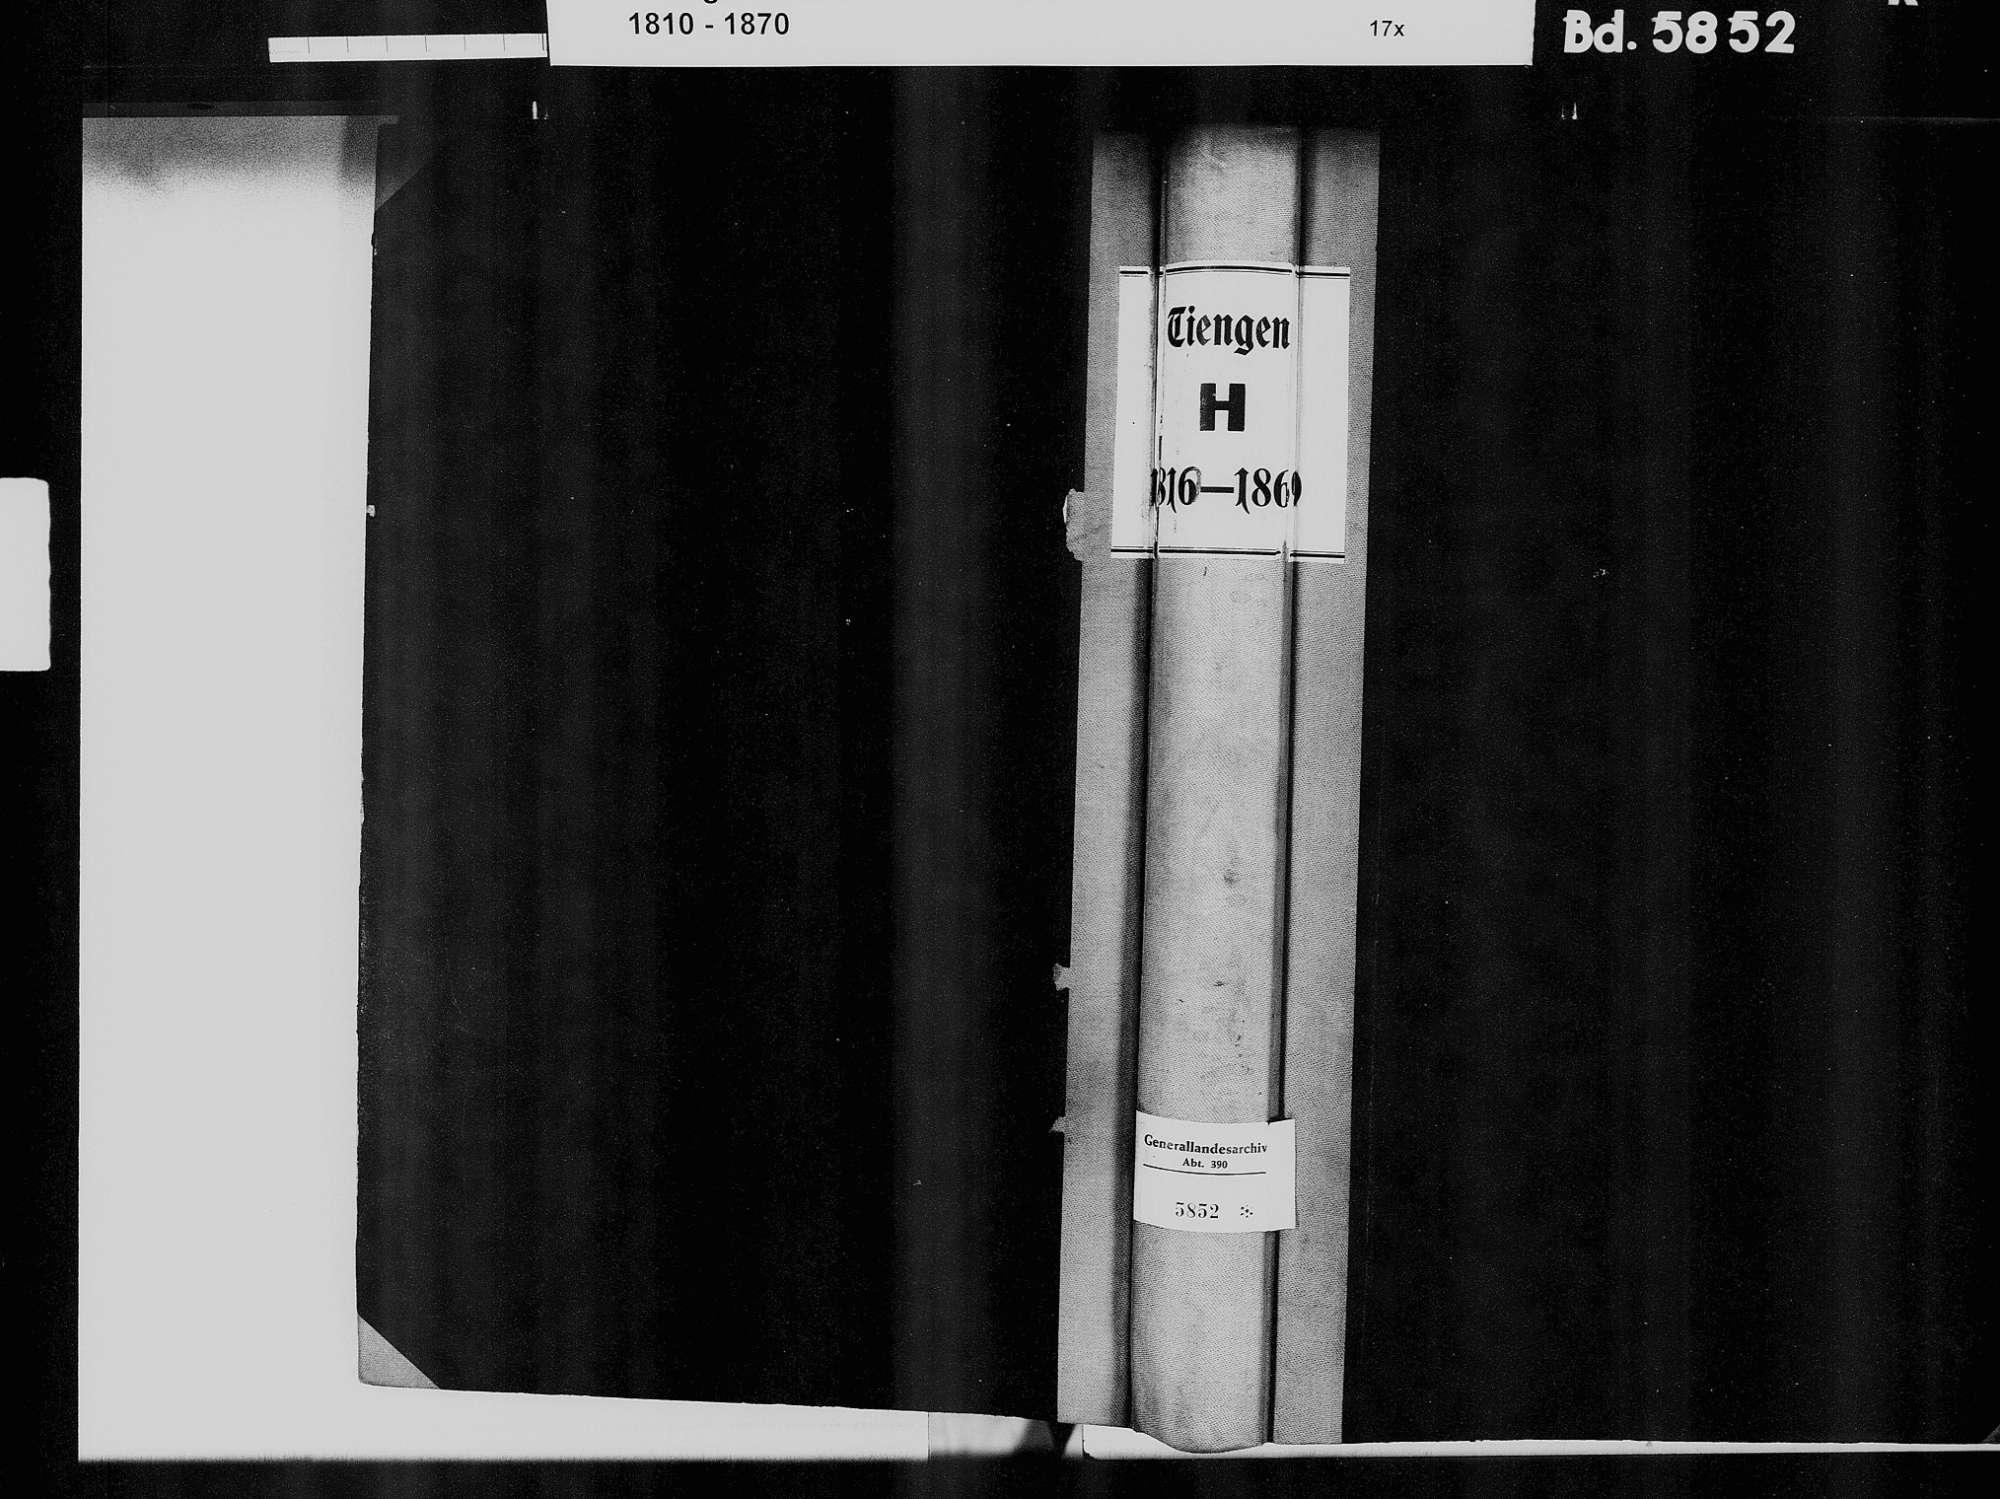 Tiengen/Hochrhein, Waldshut-Tiengen WT; Katholische Gemeinde: Heiratsbuch 1810-1869 Tiengen/Hochrhein, Waldshut-Tiengen WT; Israelitische Gemeinde: Heiratsbuch 1821-1822, 1829, 1866, Bild 2